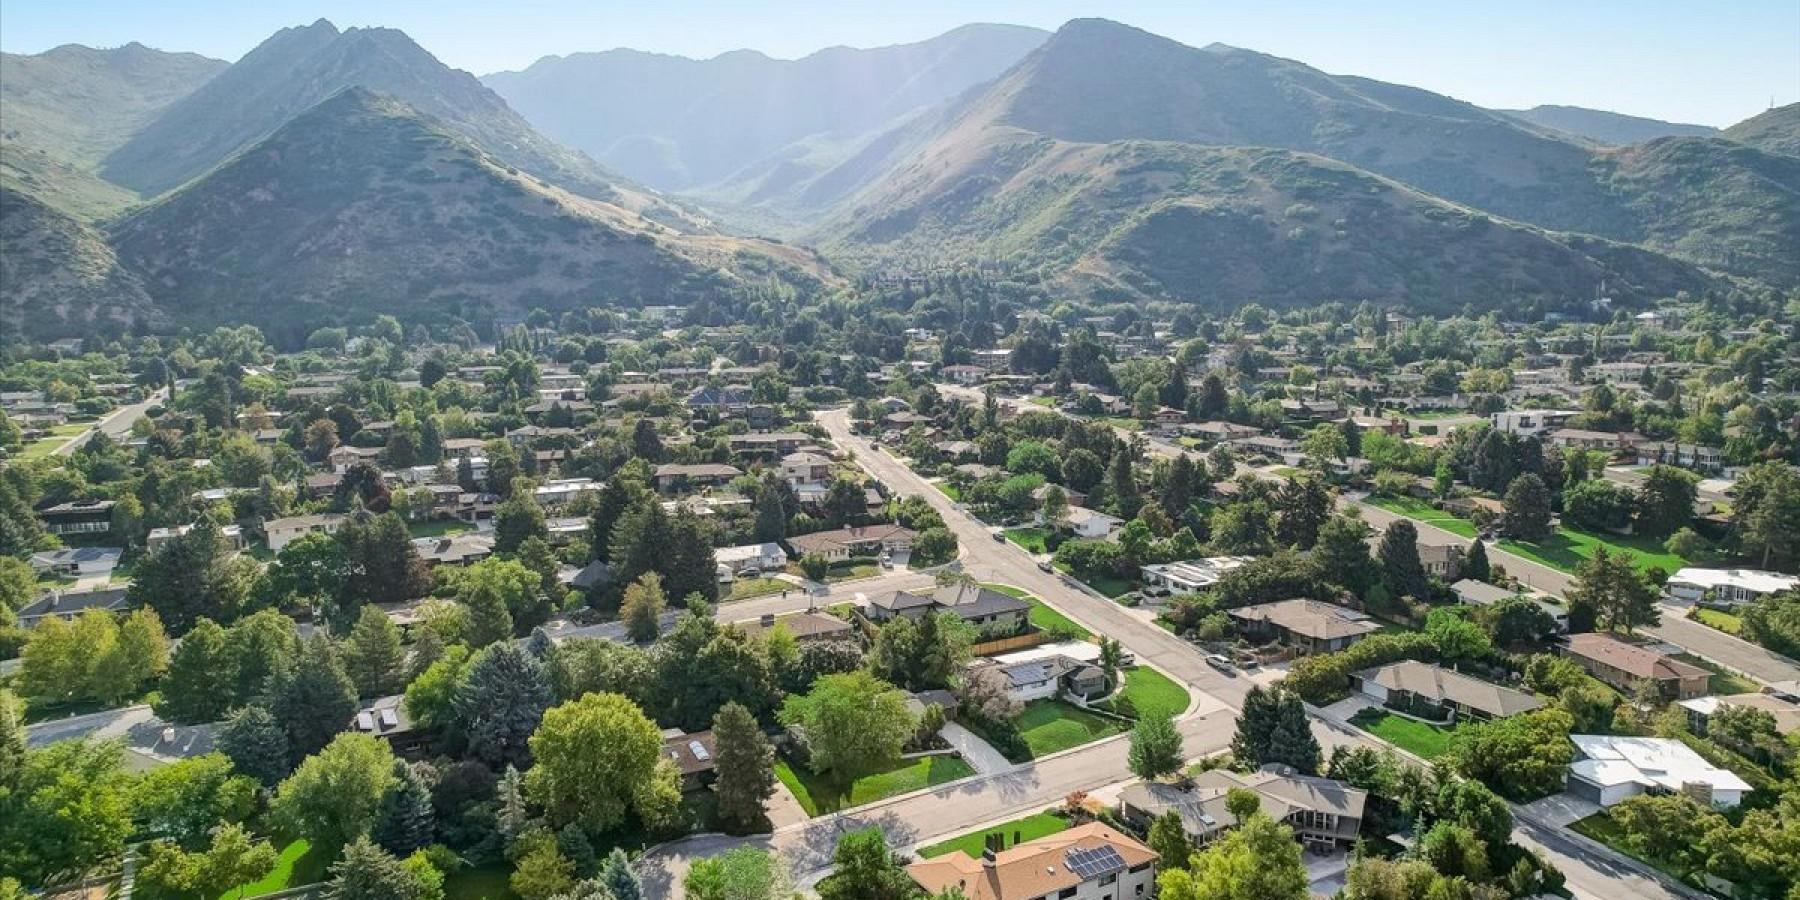 1159 S. Jaren Circle, Salt Lake City, UT 84108